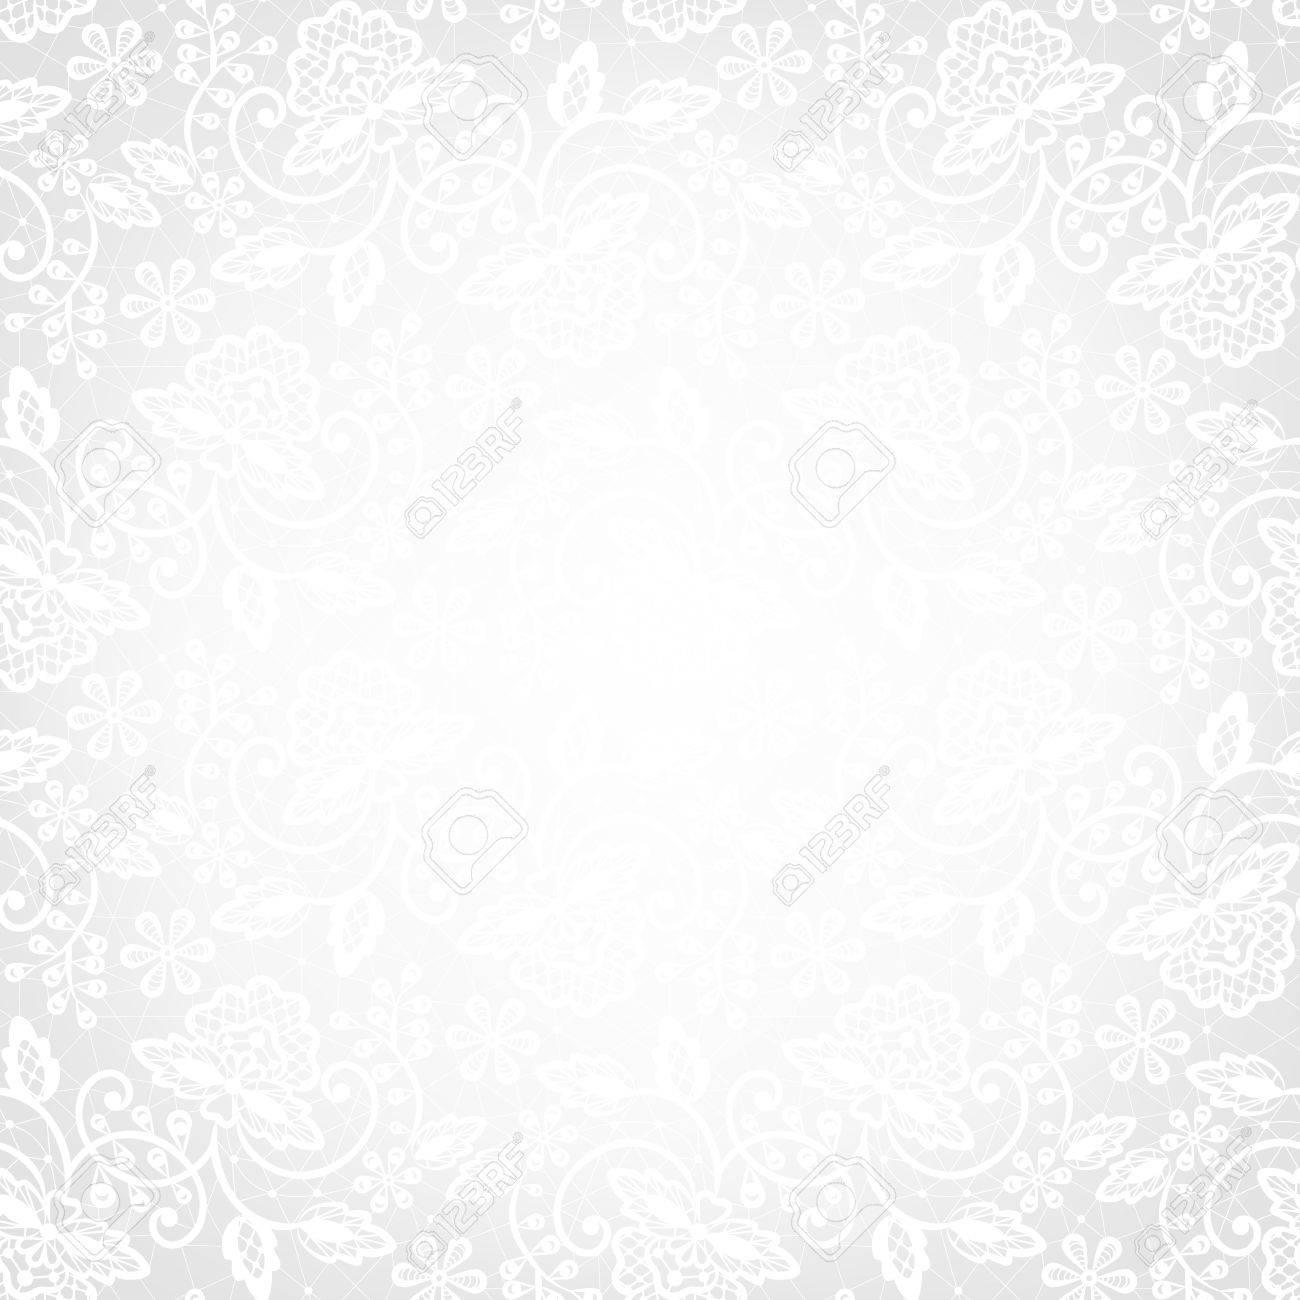 Blanco Fondos De Boda